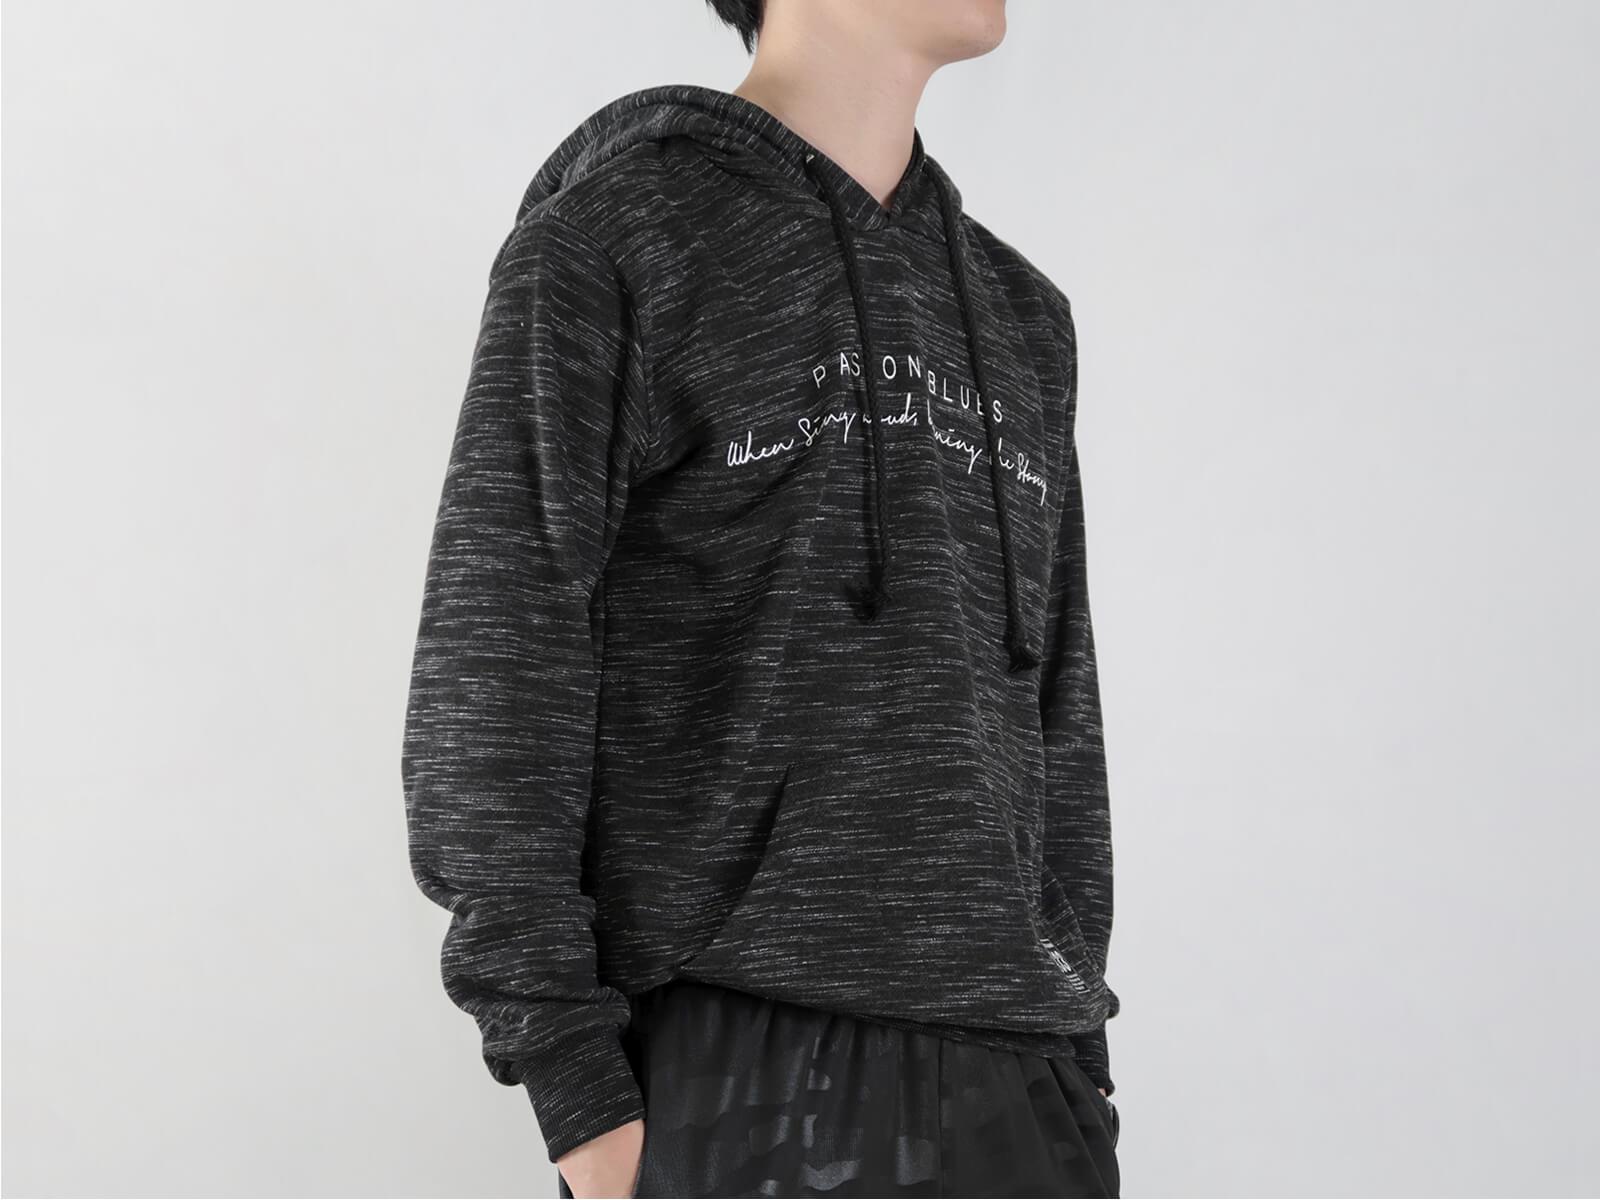 台灣製紋理保暖帽T 連帽T恤 休閒連帽外套 長袖T恤 帽子T恤 連帽上衣 長袖上衣 休閒長TEE 灰色T恤 黑色T恤 MADE IN TAIWAN HOODIE T-shirt (310-0772-21)黑色、(310-0772-22)灰色 L XL(胸圍44~47英吋) [實體店面保障] sun-e 7